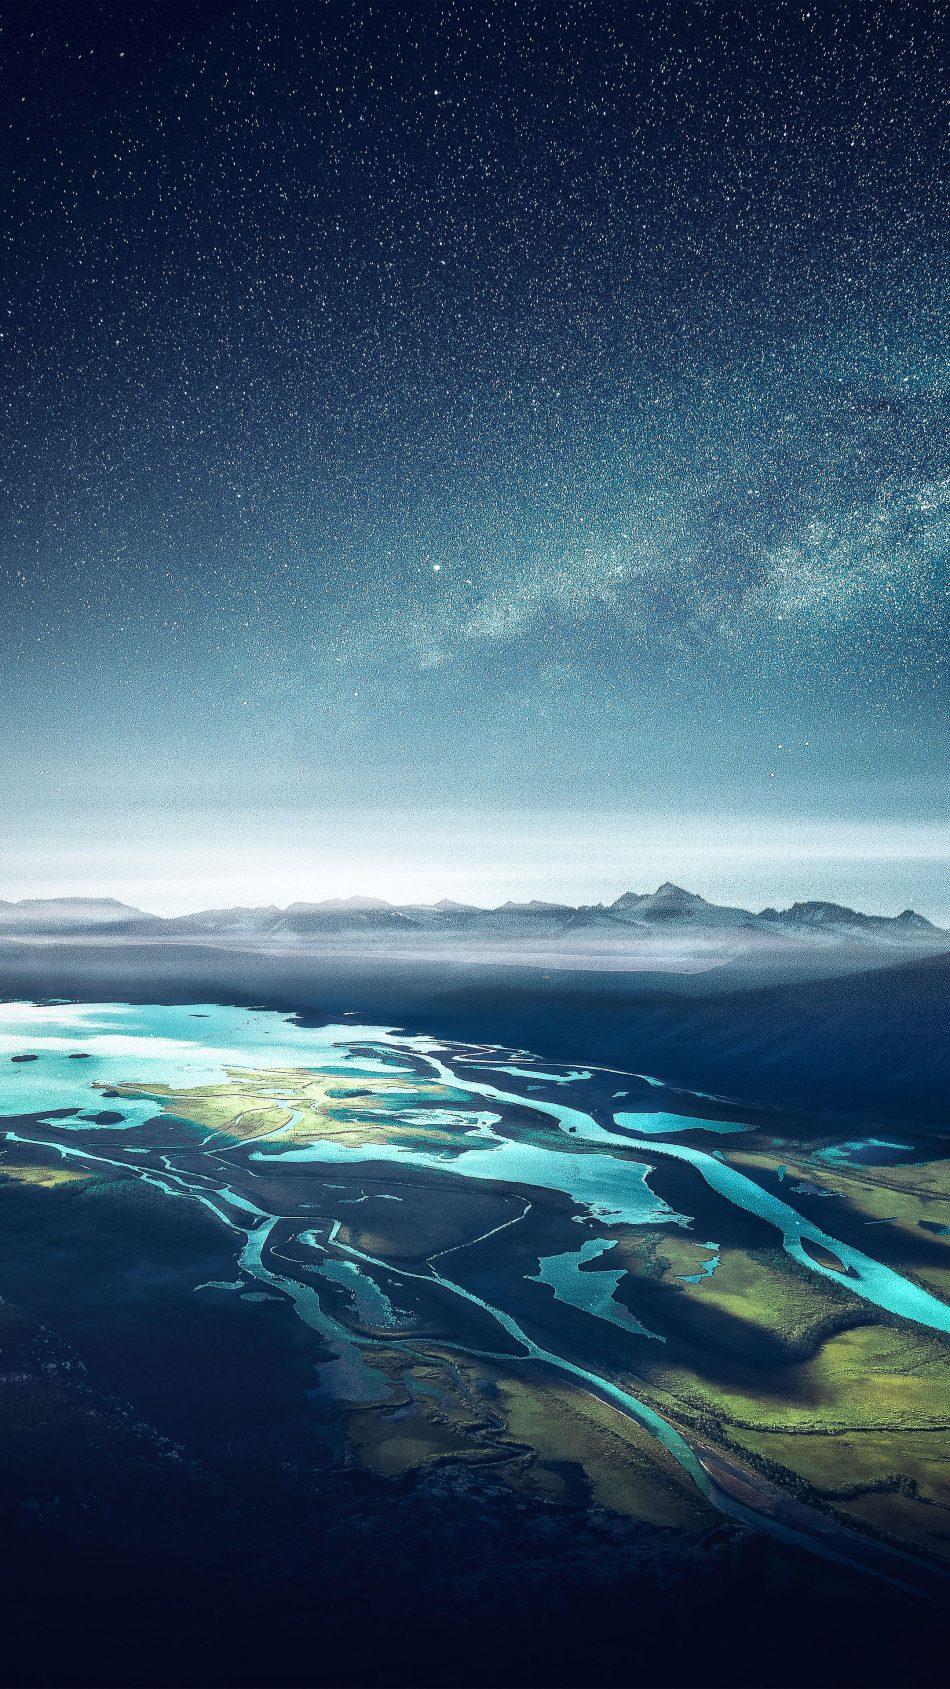 Mountain Range River Landscape Starry Sky 4K Ultra HD ...